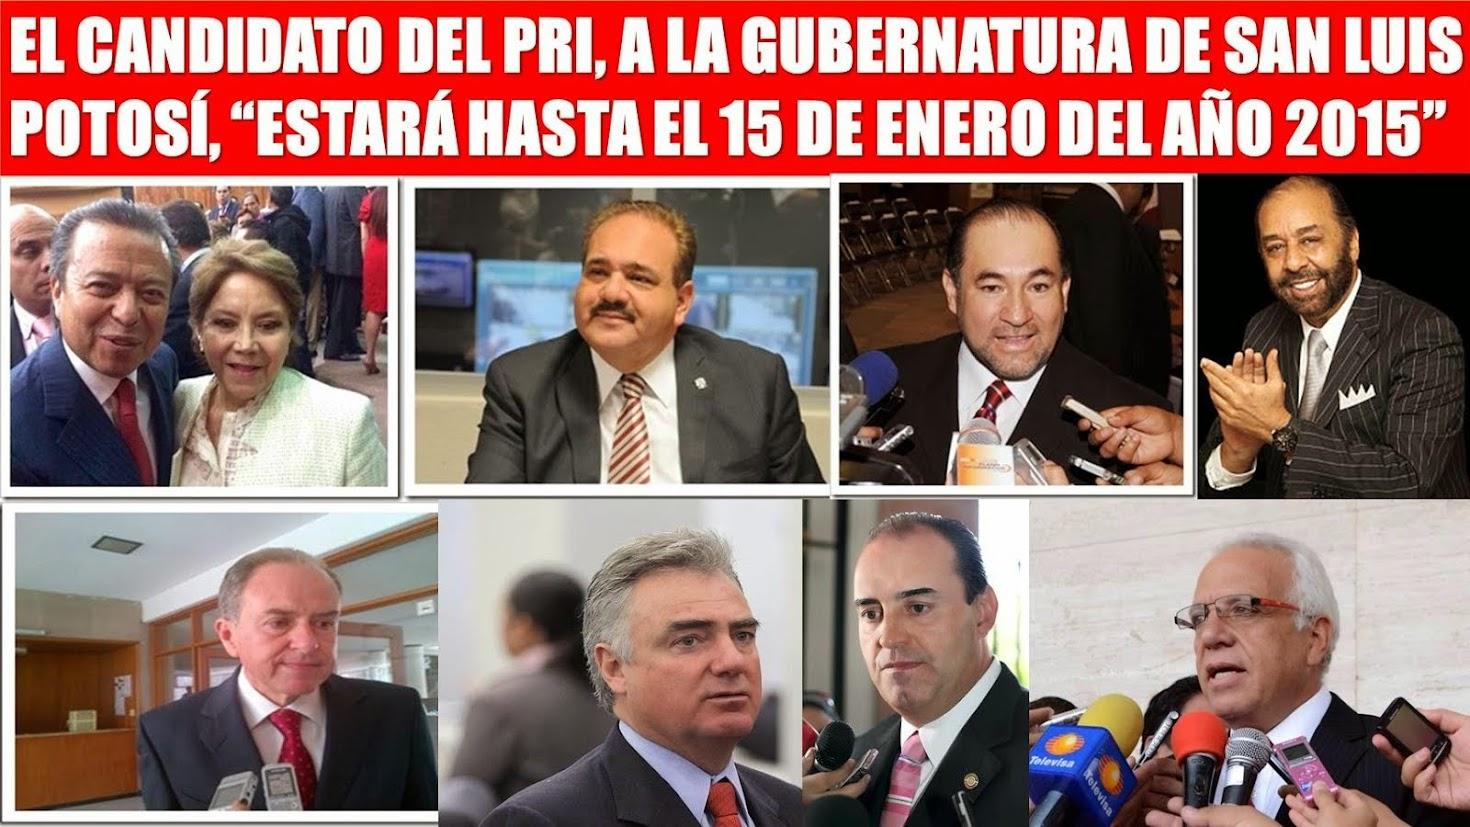 ELECCIONES 2015 EN SAN LUIS POTOSÍ.